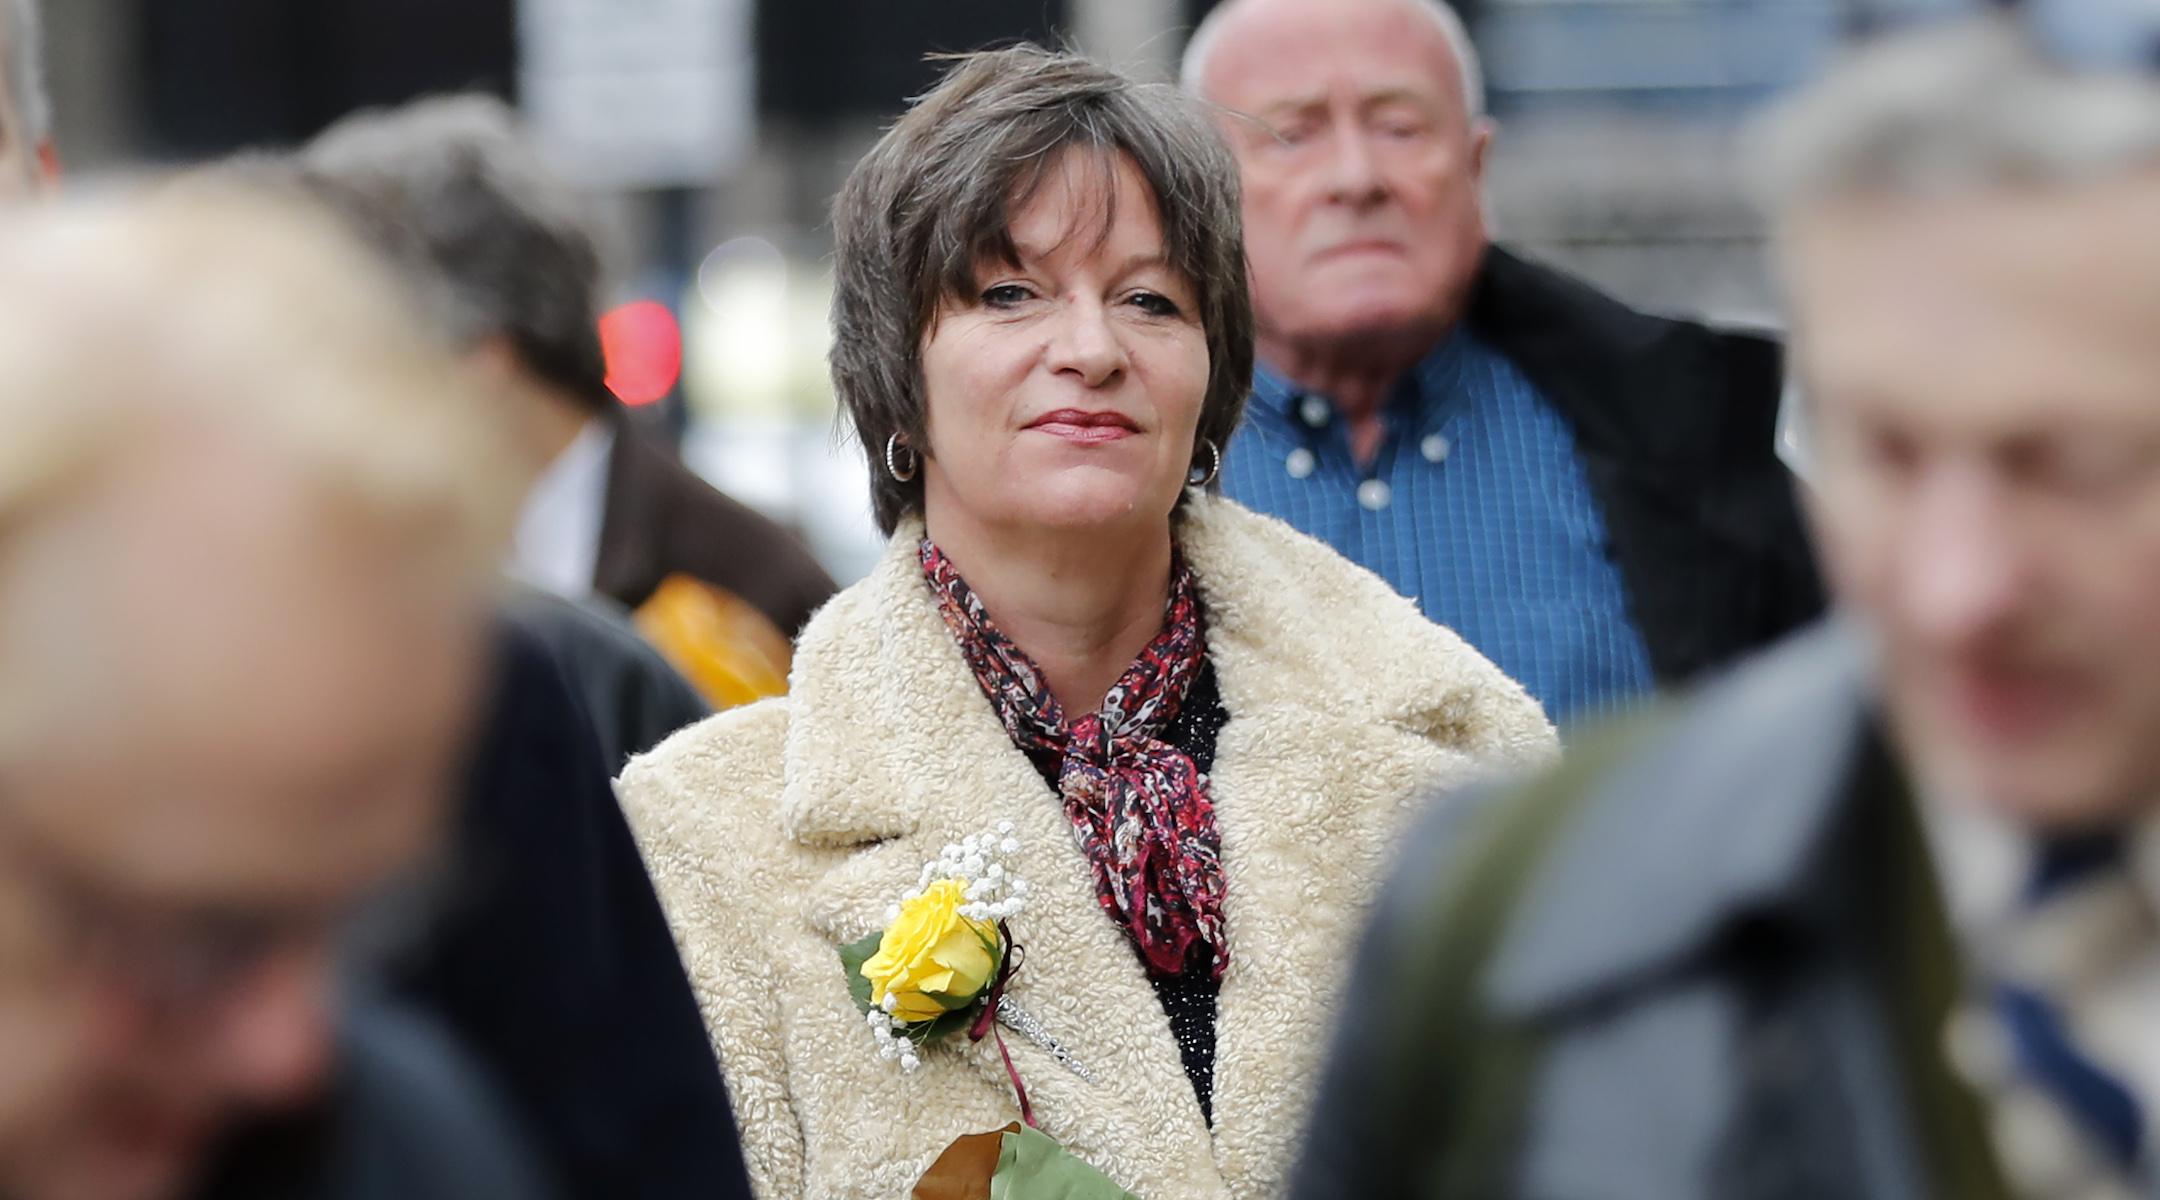 Una negacionista del Holocausto de Londres con condenas previas por incitar al odio contra los judíos va a la cárcel.